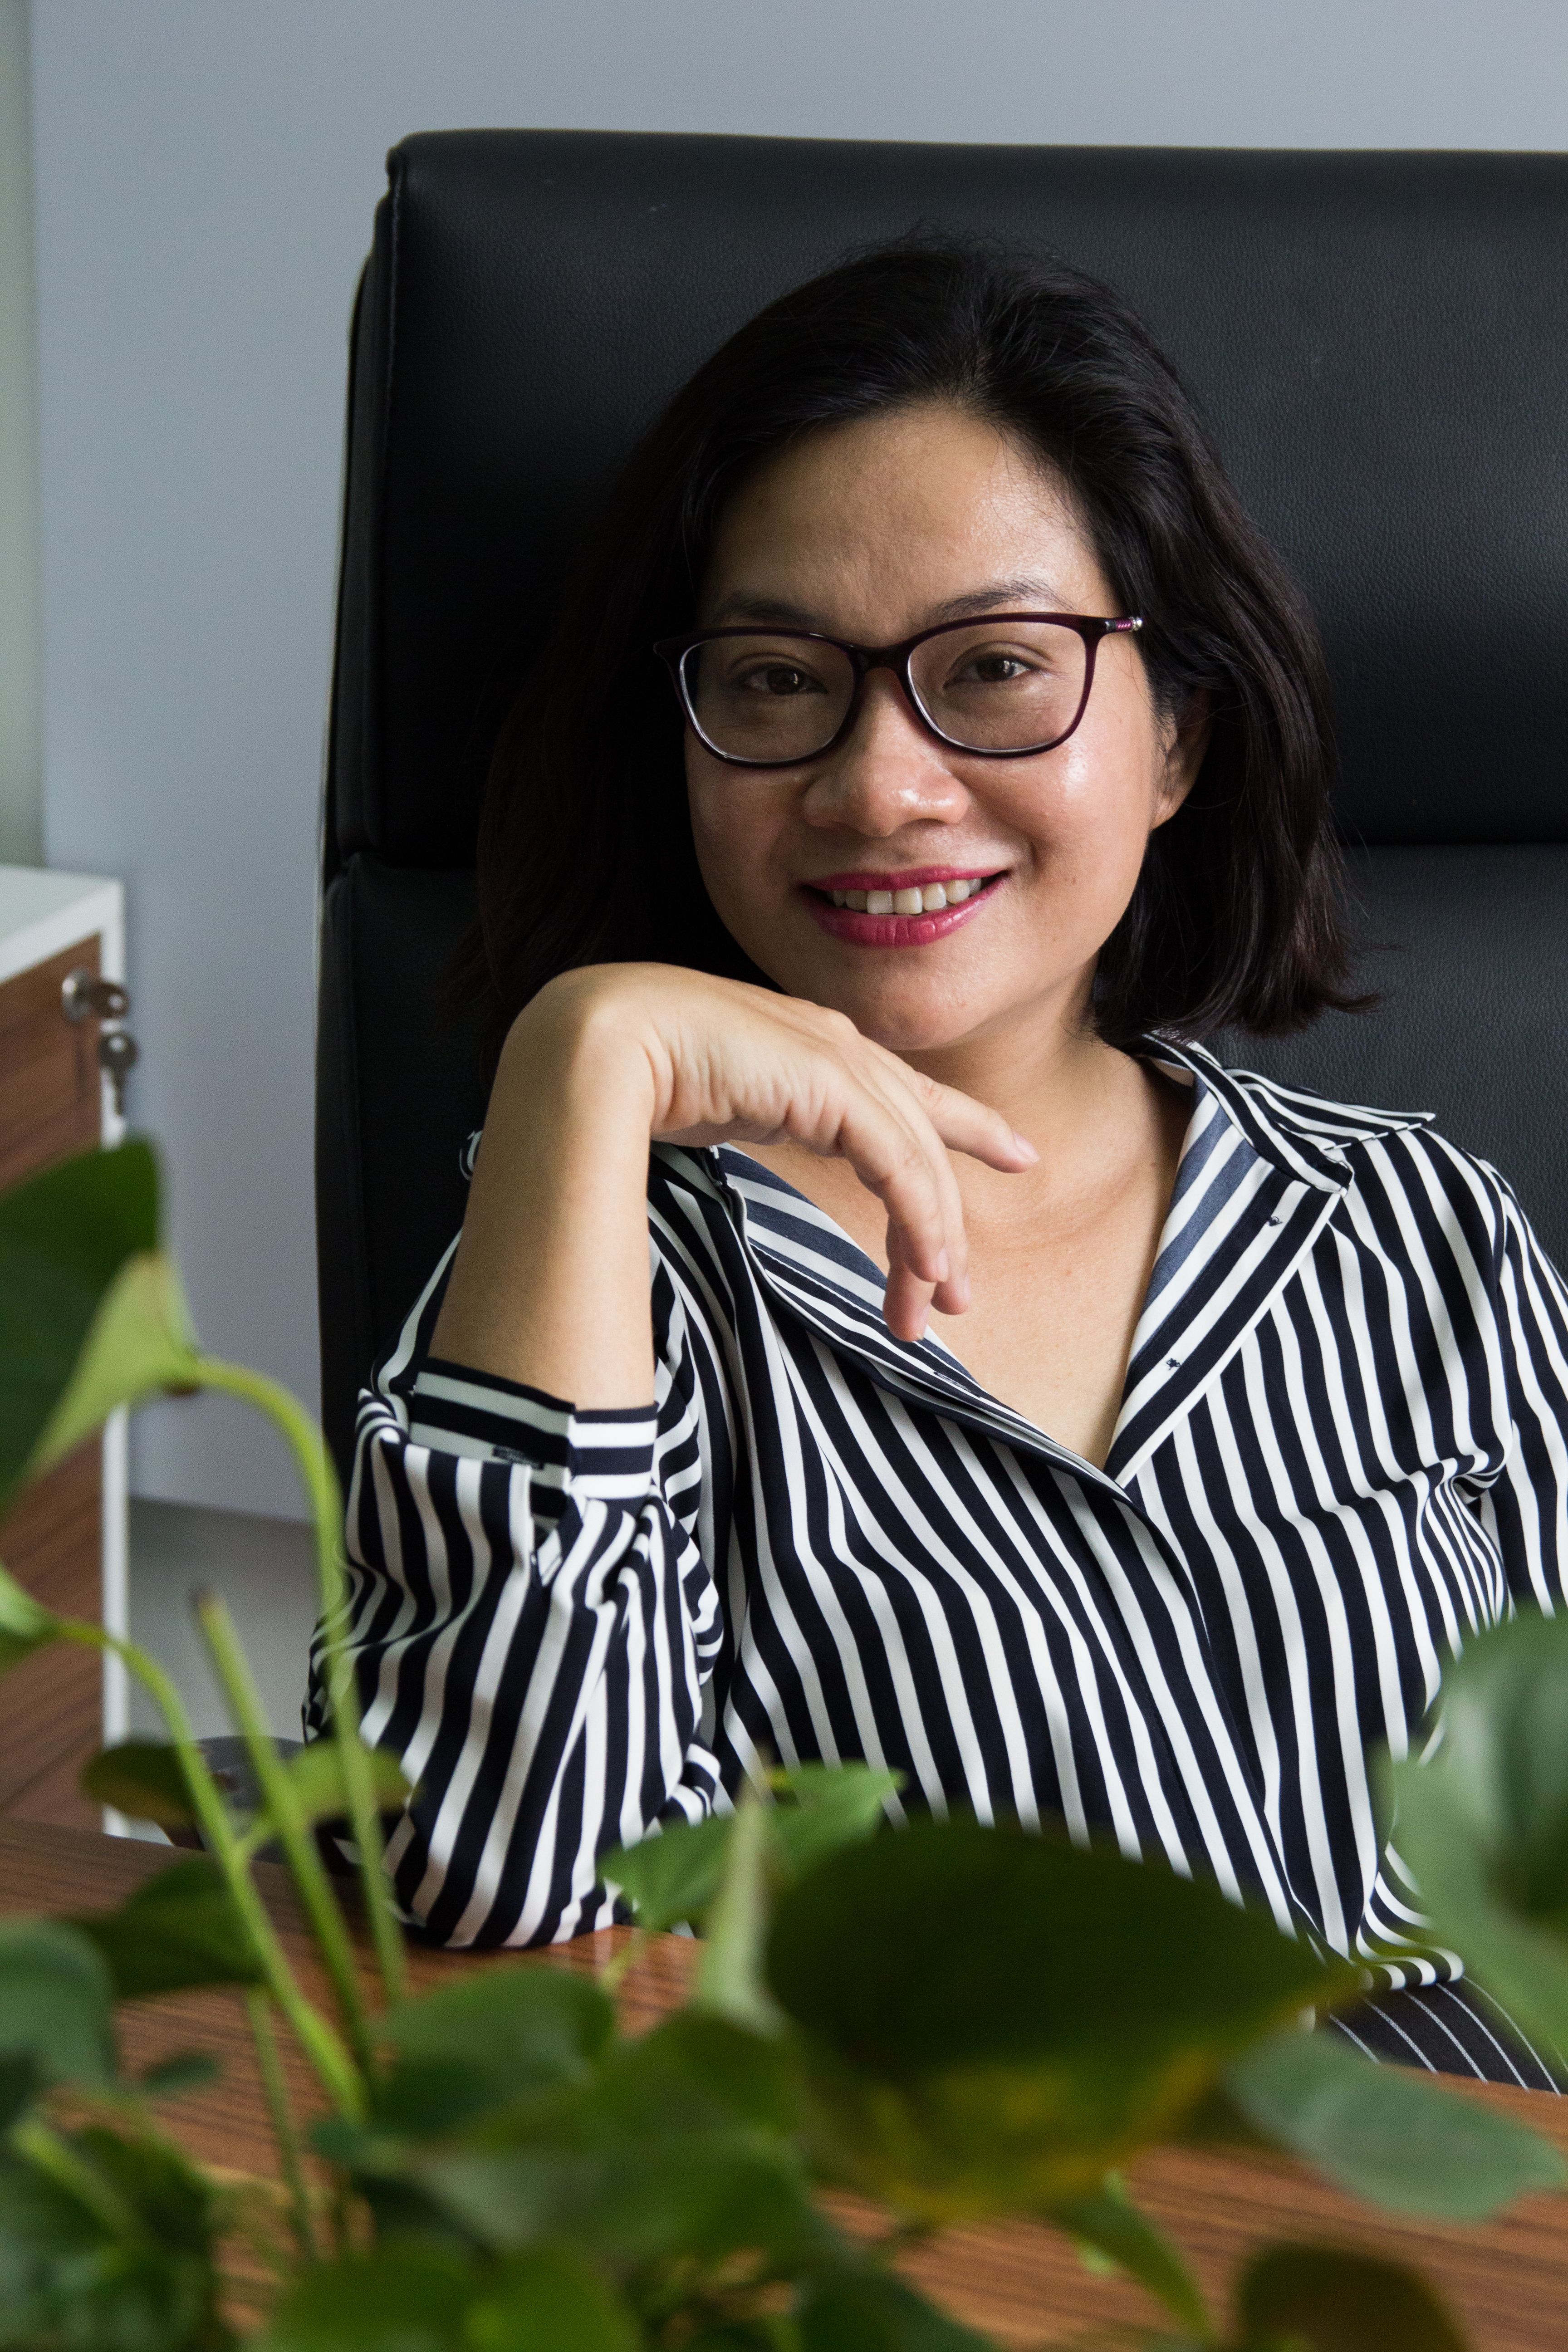 Luật sư Đinh Thị Quỳnh Như, Giám đốc công ty luật MTV An Luật. Ảnh: KH&PT